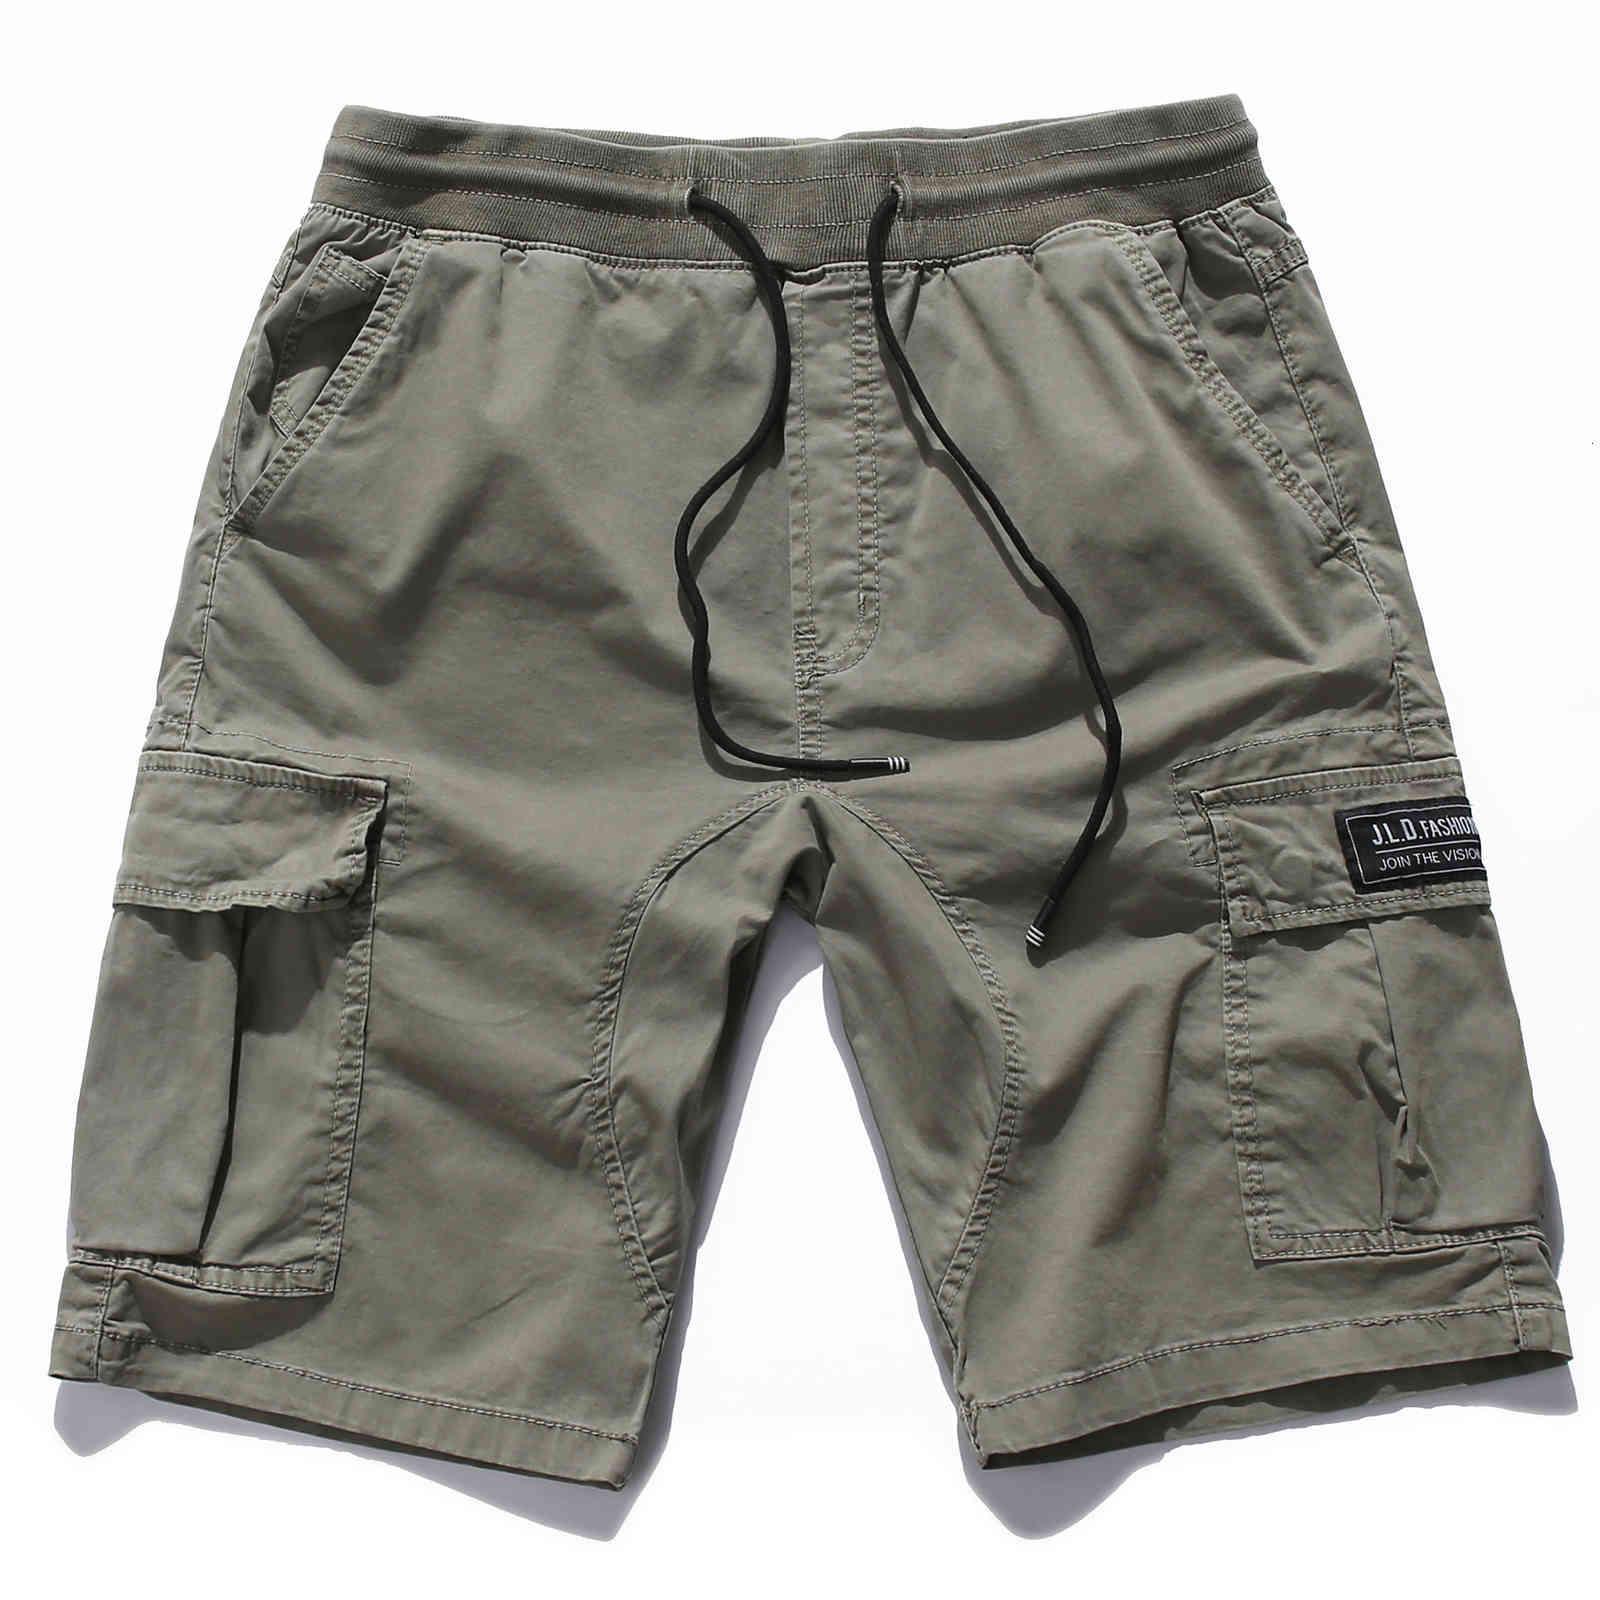 Pantalones cortos para hombres de verano de algodón casual de algodón pantalones pantalones cortos de estilo